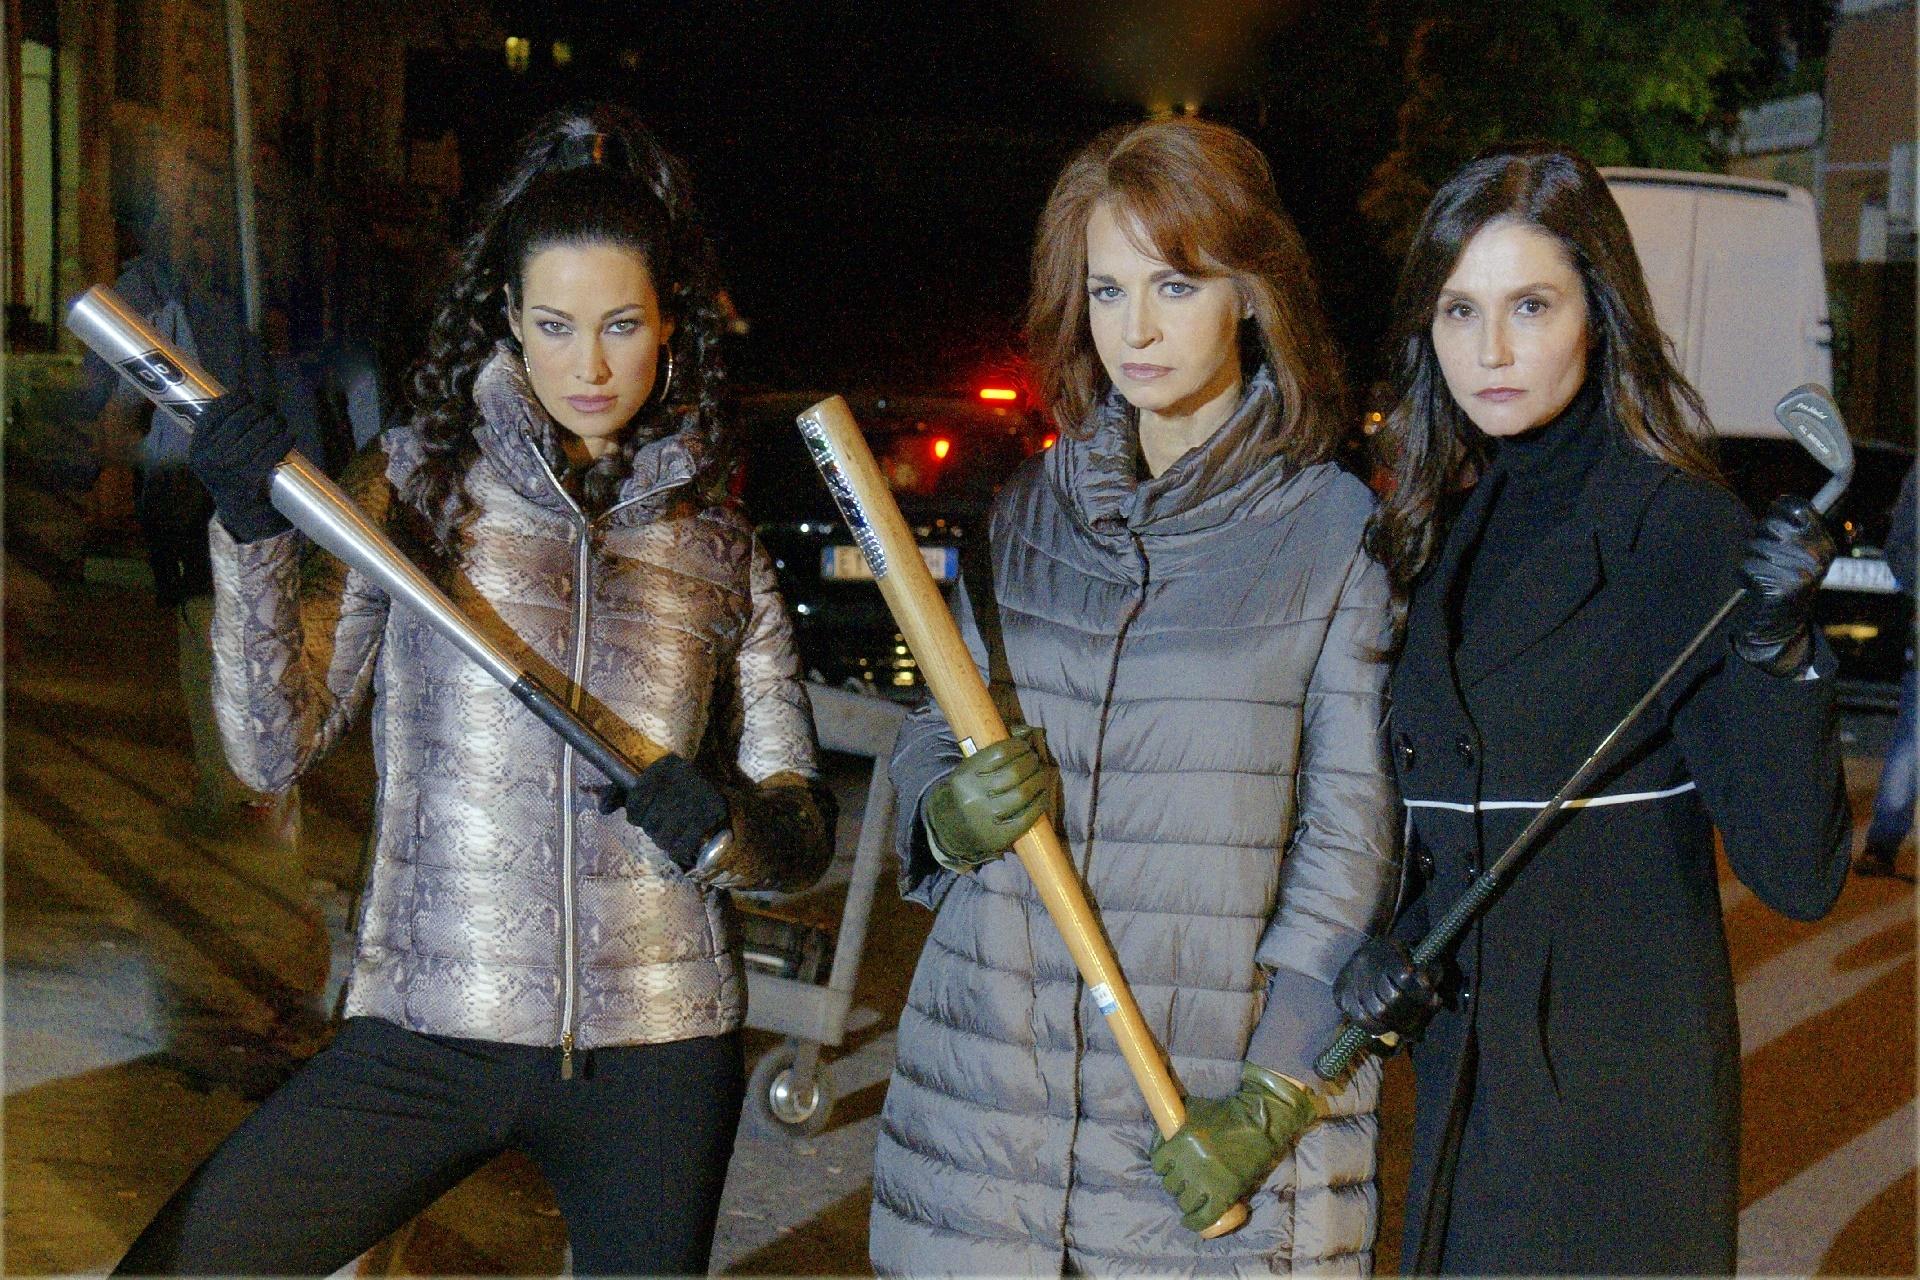 Il bello delle donne: una foto di Manuela Arcuri, Giuliana De Sio e Alessandra Martines